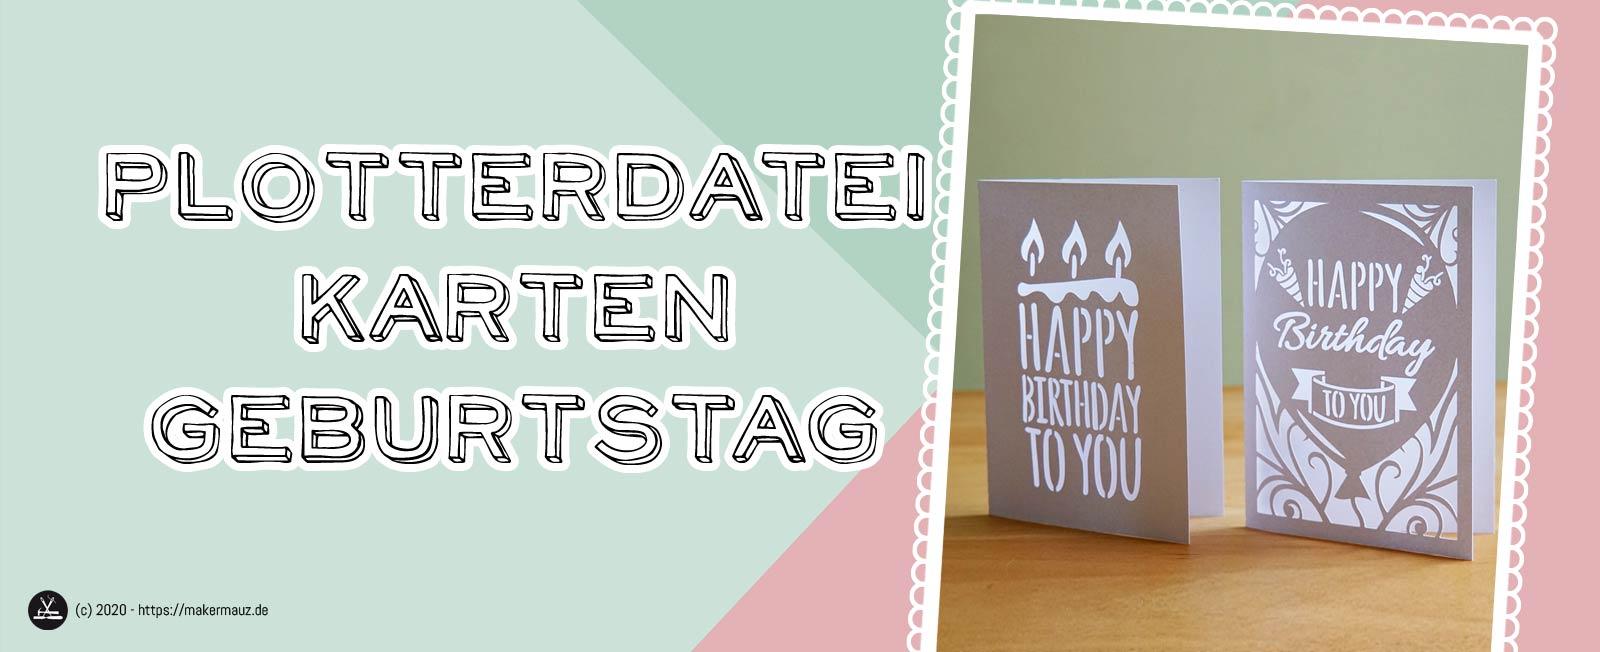 Plotterdatei Karte Geburtstag